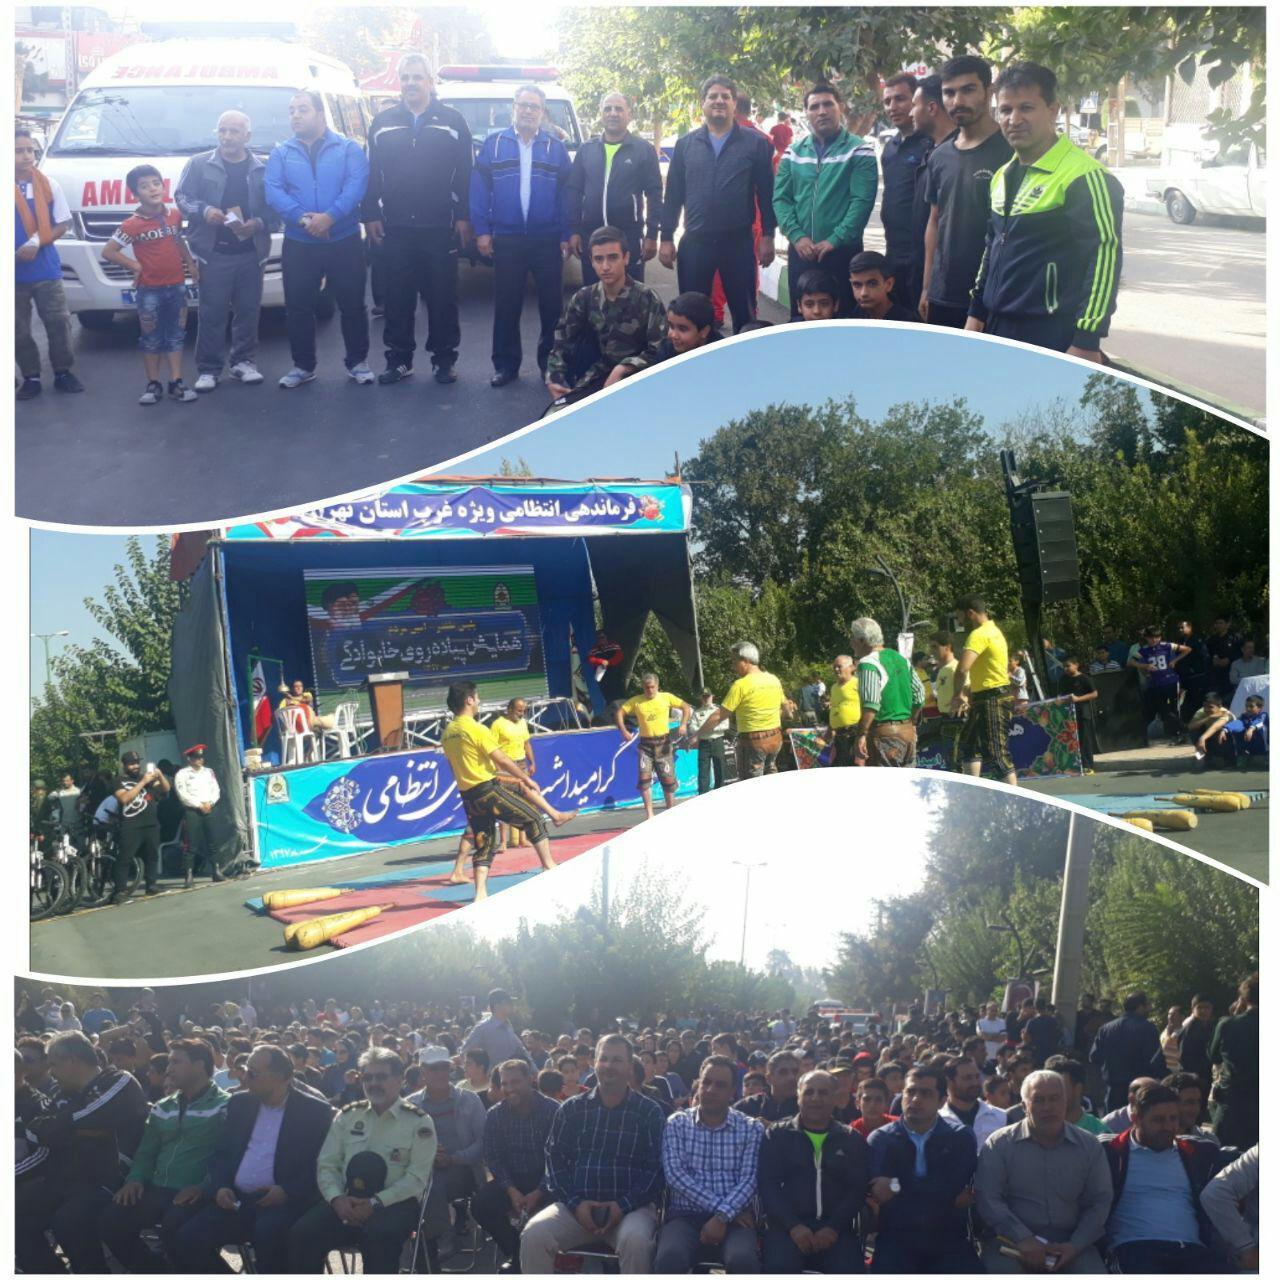 همایش بزرگ پیاده روی خانوادگی در شهریار به مناسبت هفته ناجا برگزار شد